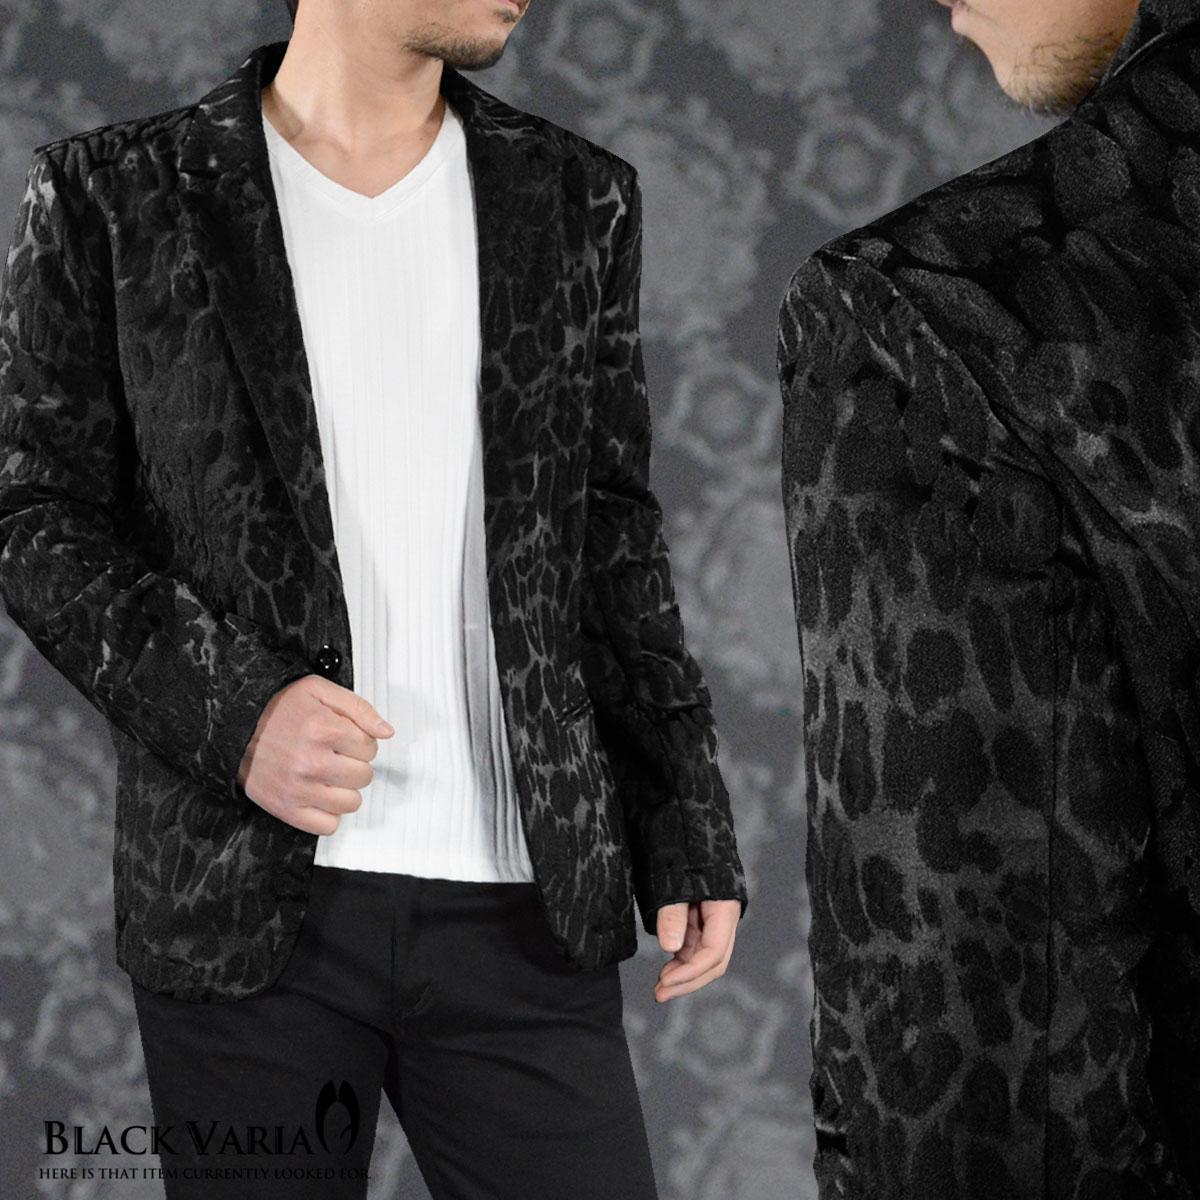 テーラードジャケット レオパード柄 豹 ジャガード メンズ 1釦 日本製 ジャケット mens(ブラック黒) 172752